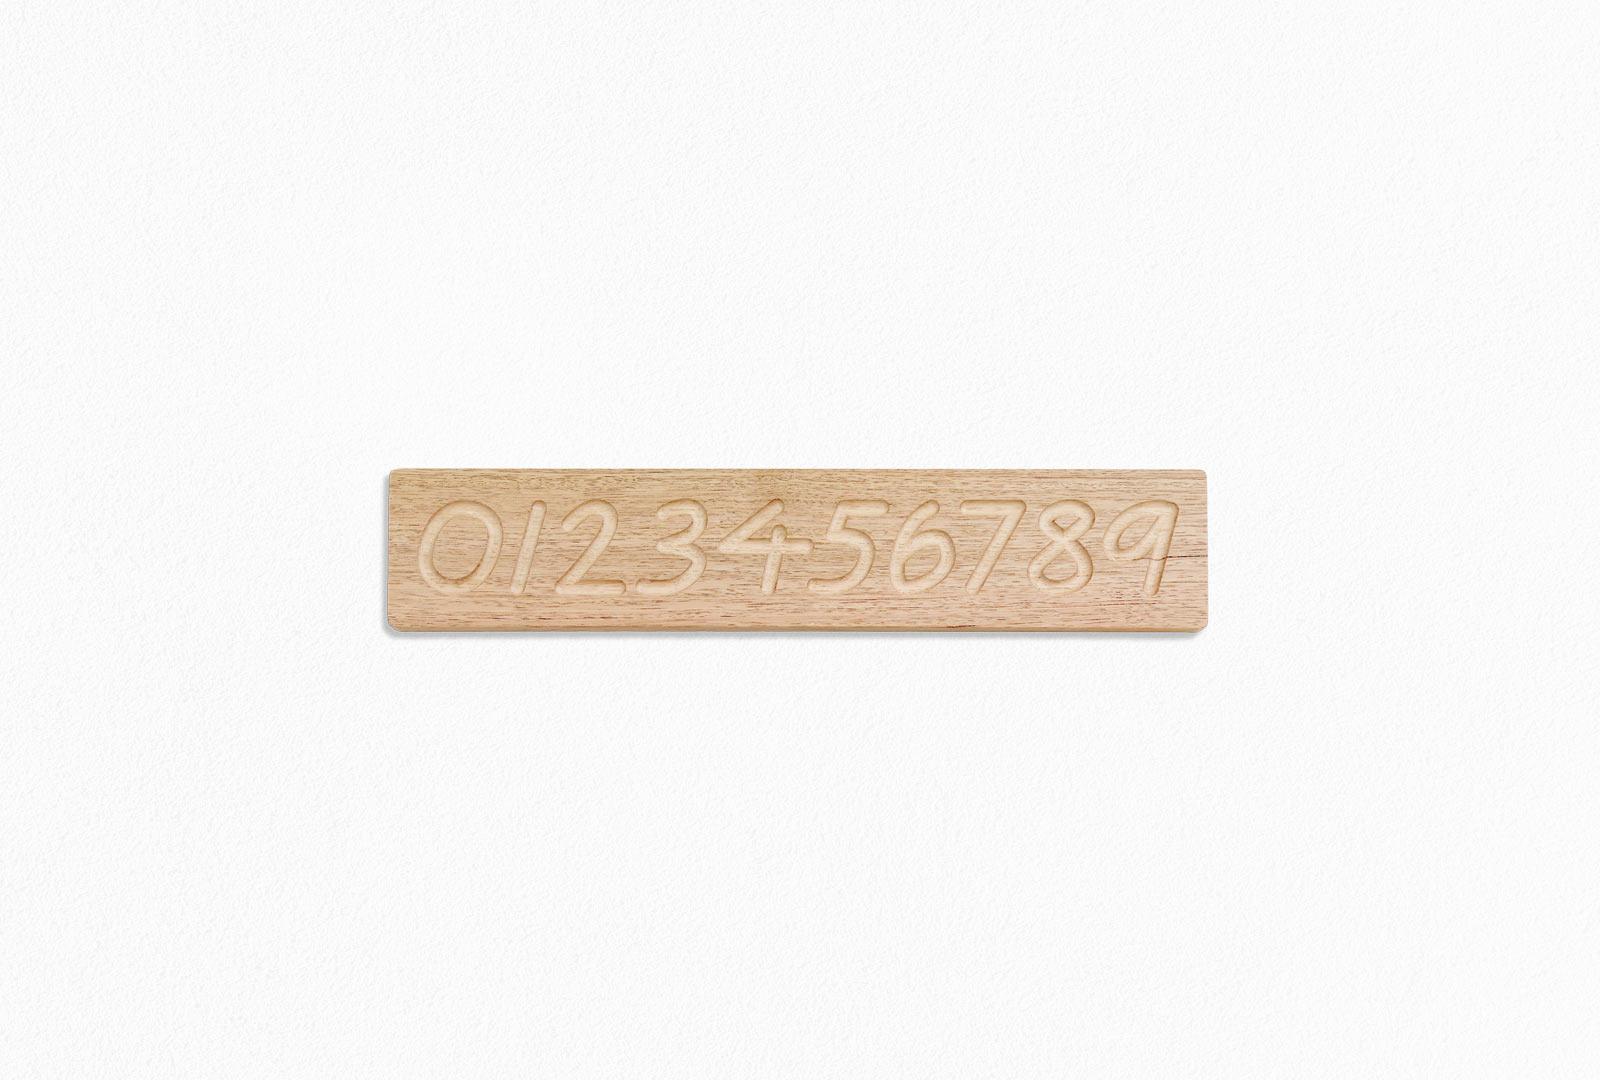 Hardwood Number Board